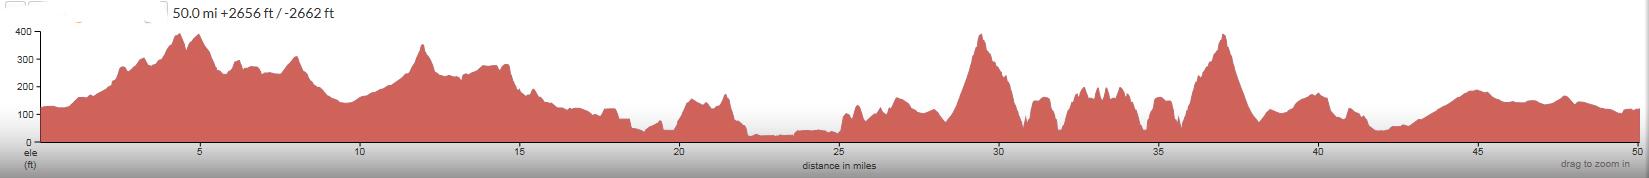 Cuesta-Morro-Montana-de-Oro-2015-elevation-profile